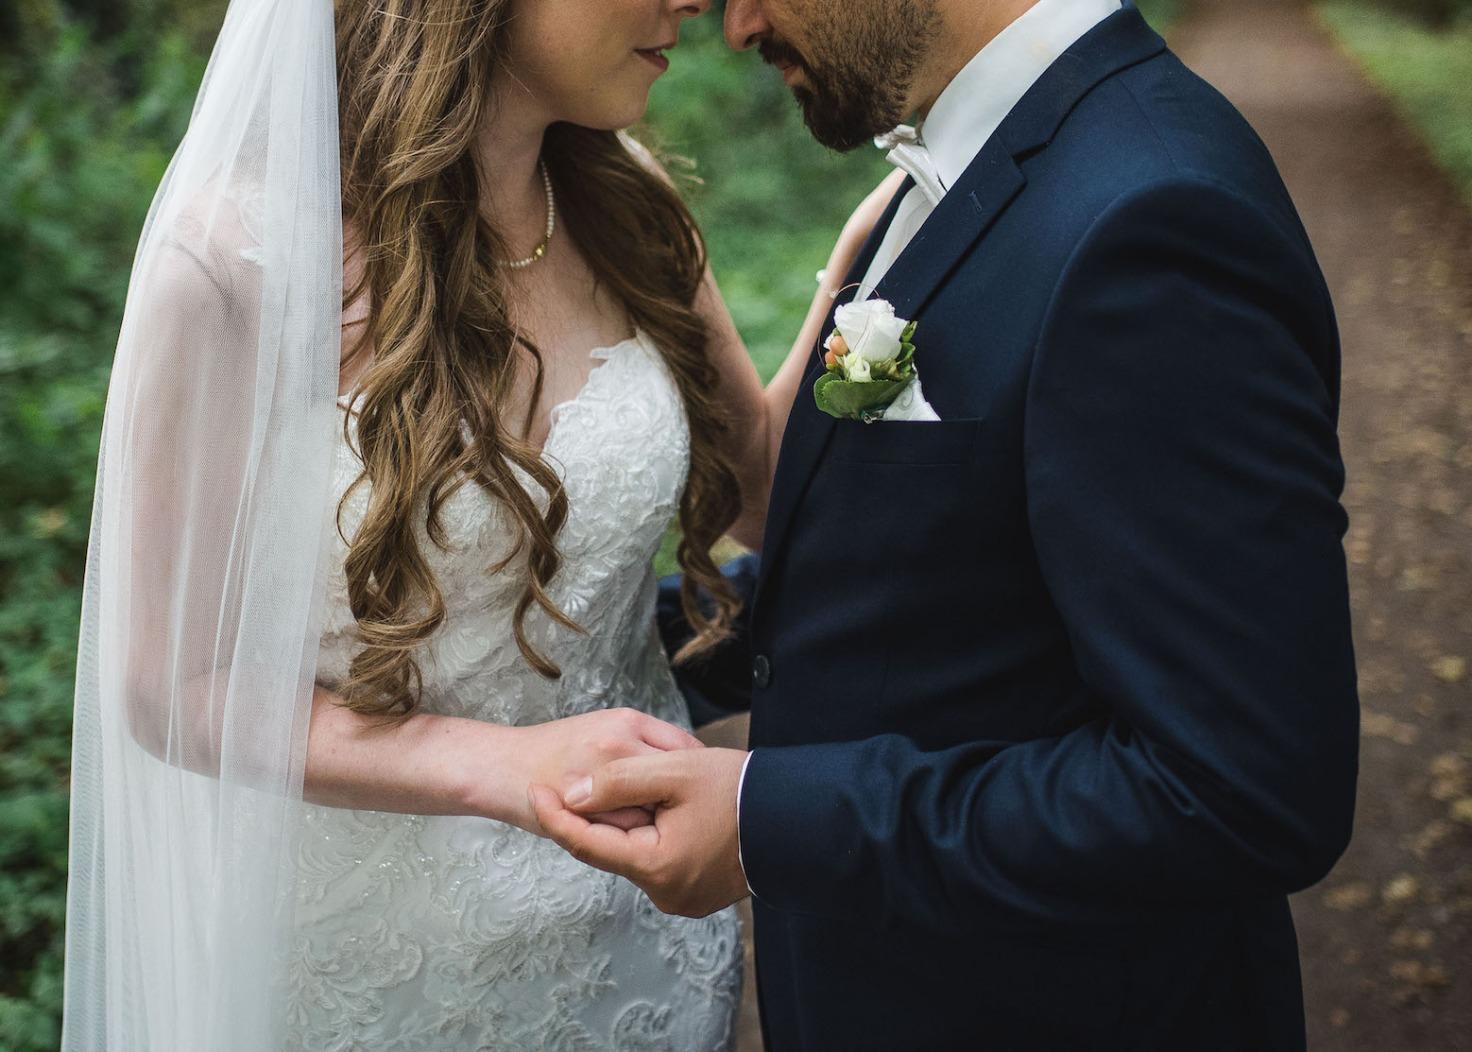 Hochzeit von Katharina und Mustafa in Münster: Paarshooting im Park Nahaufnahme